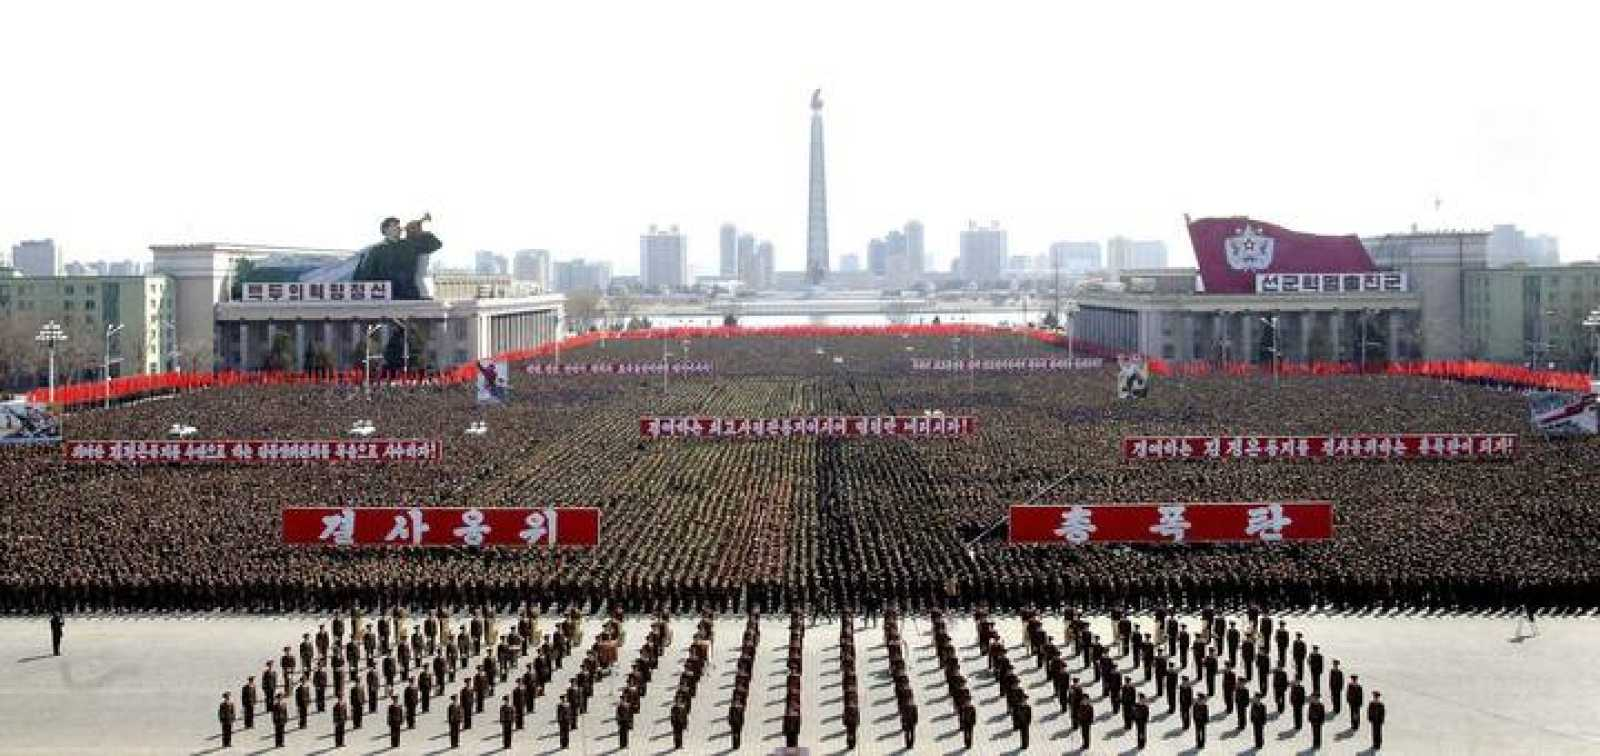 El ejército de Corea del Norte, concentrado en la plaza de Kim Il Sung, en Pyongyang